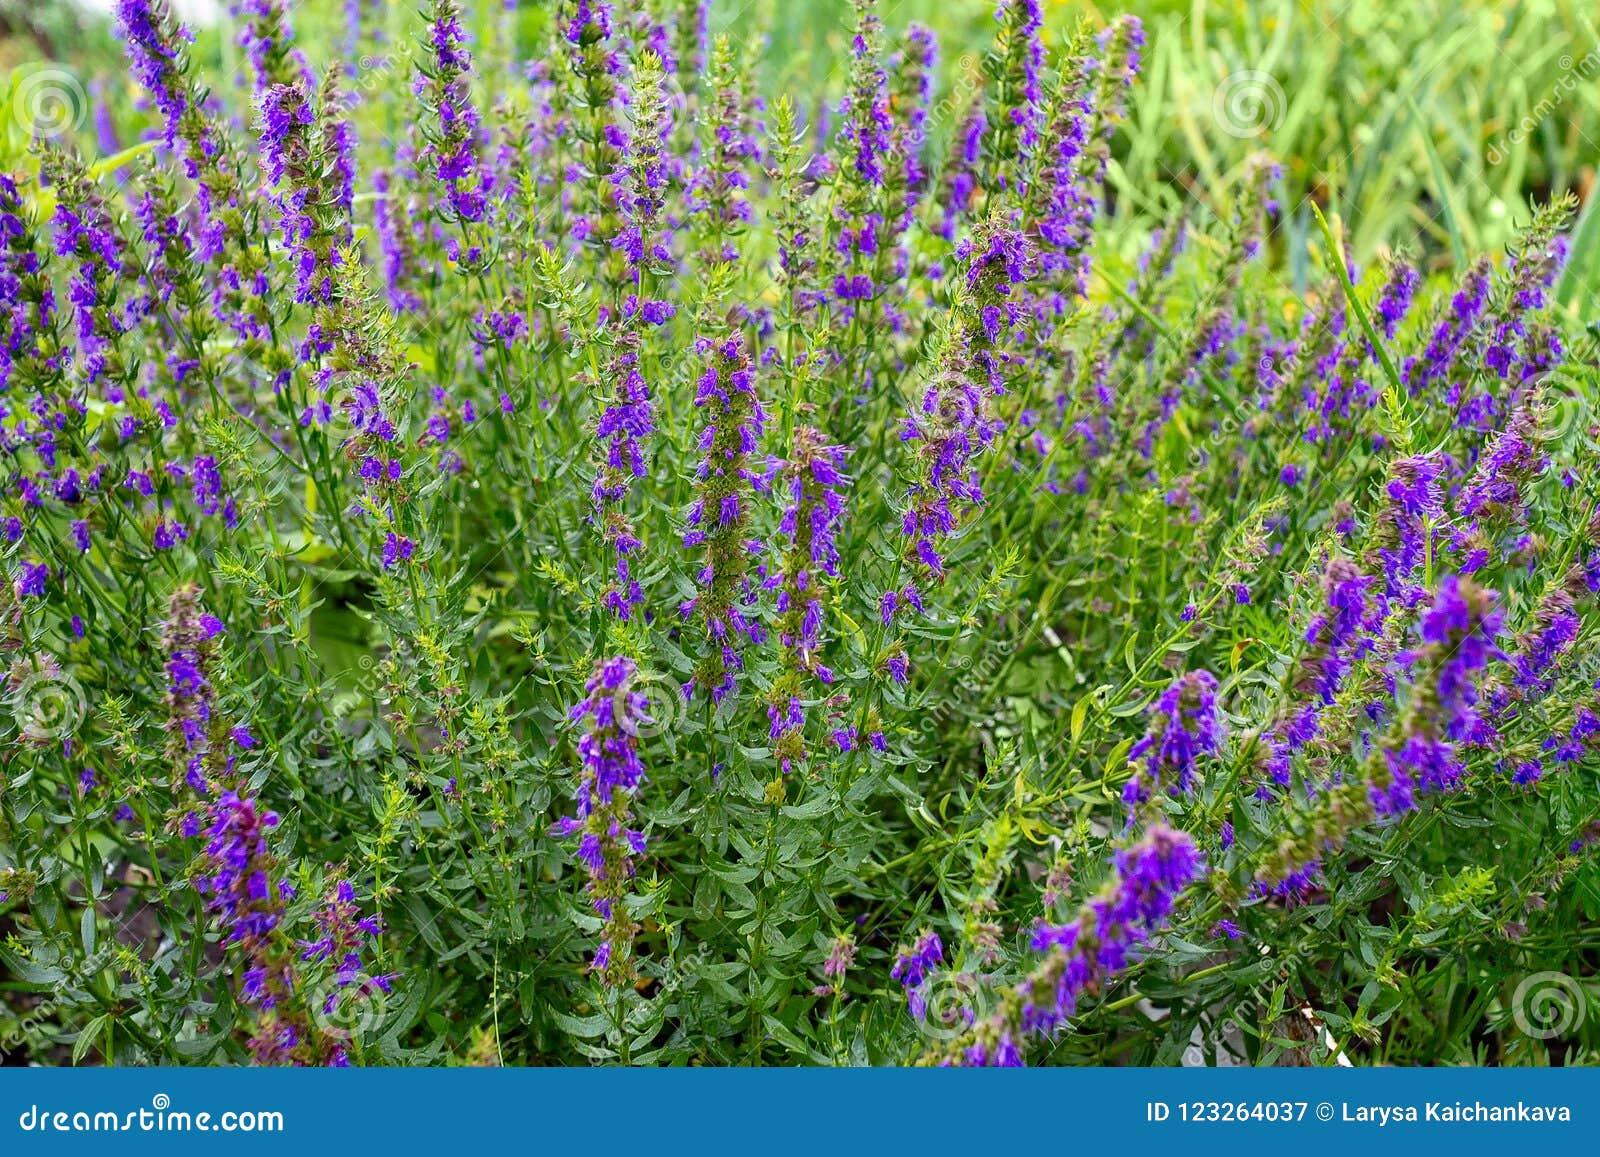 Purple flowers of Hyssopus officinalis Hyssop